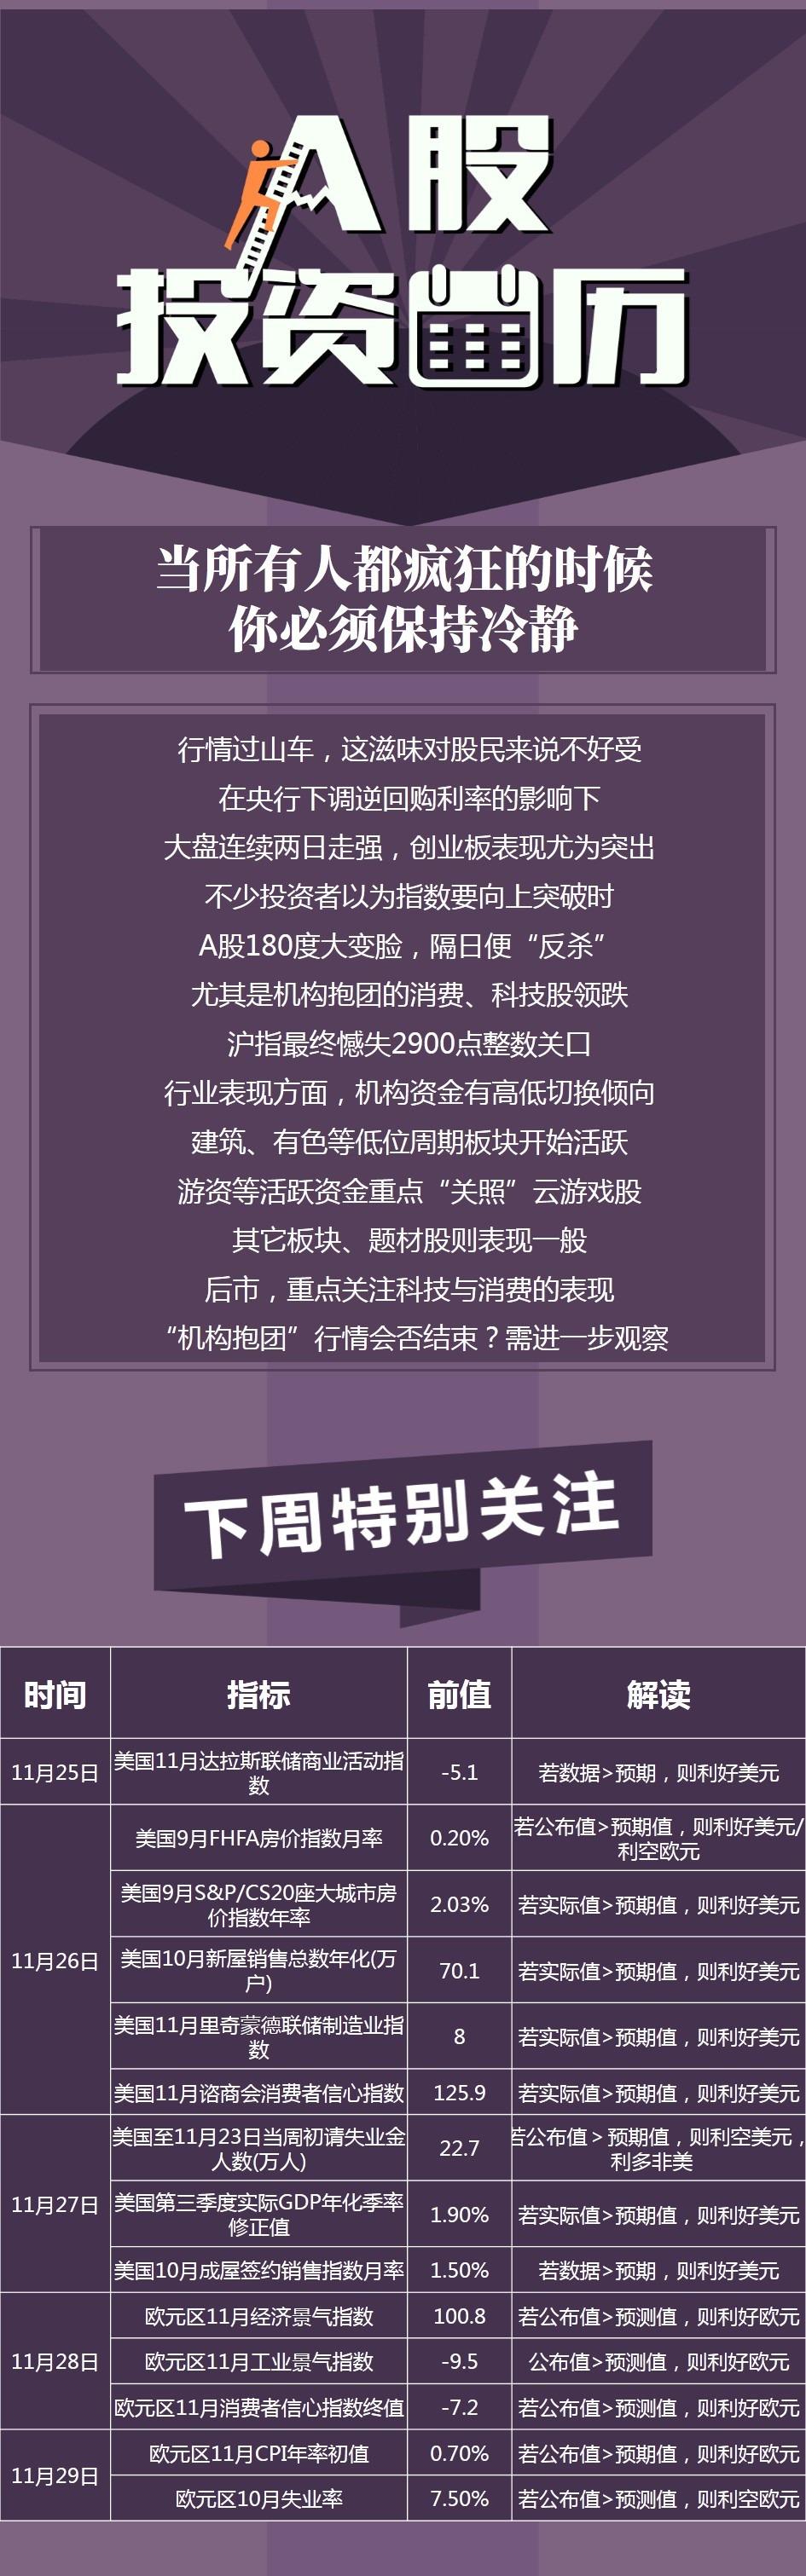 绿原投资日历 | 高位科技、消费股领